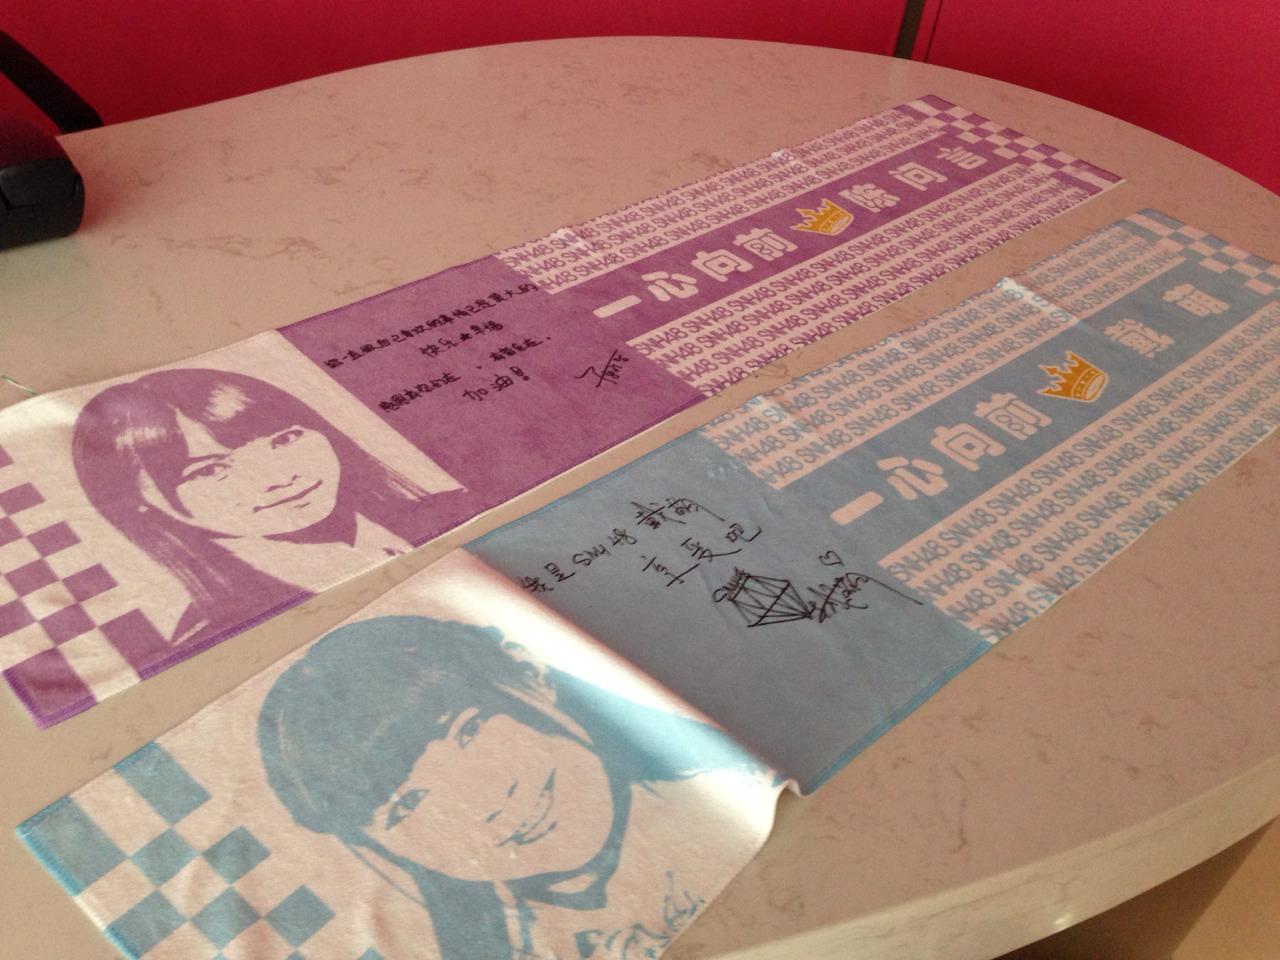 【SNH48】劇場公演プレゼント企画のサイン入りTシャツ・タオル画像など